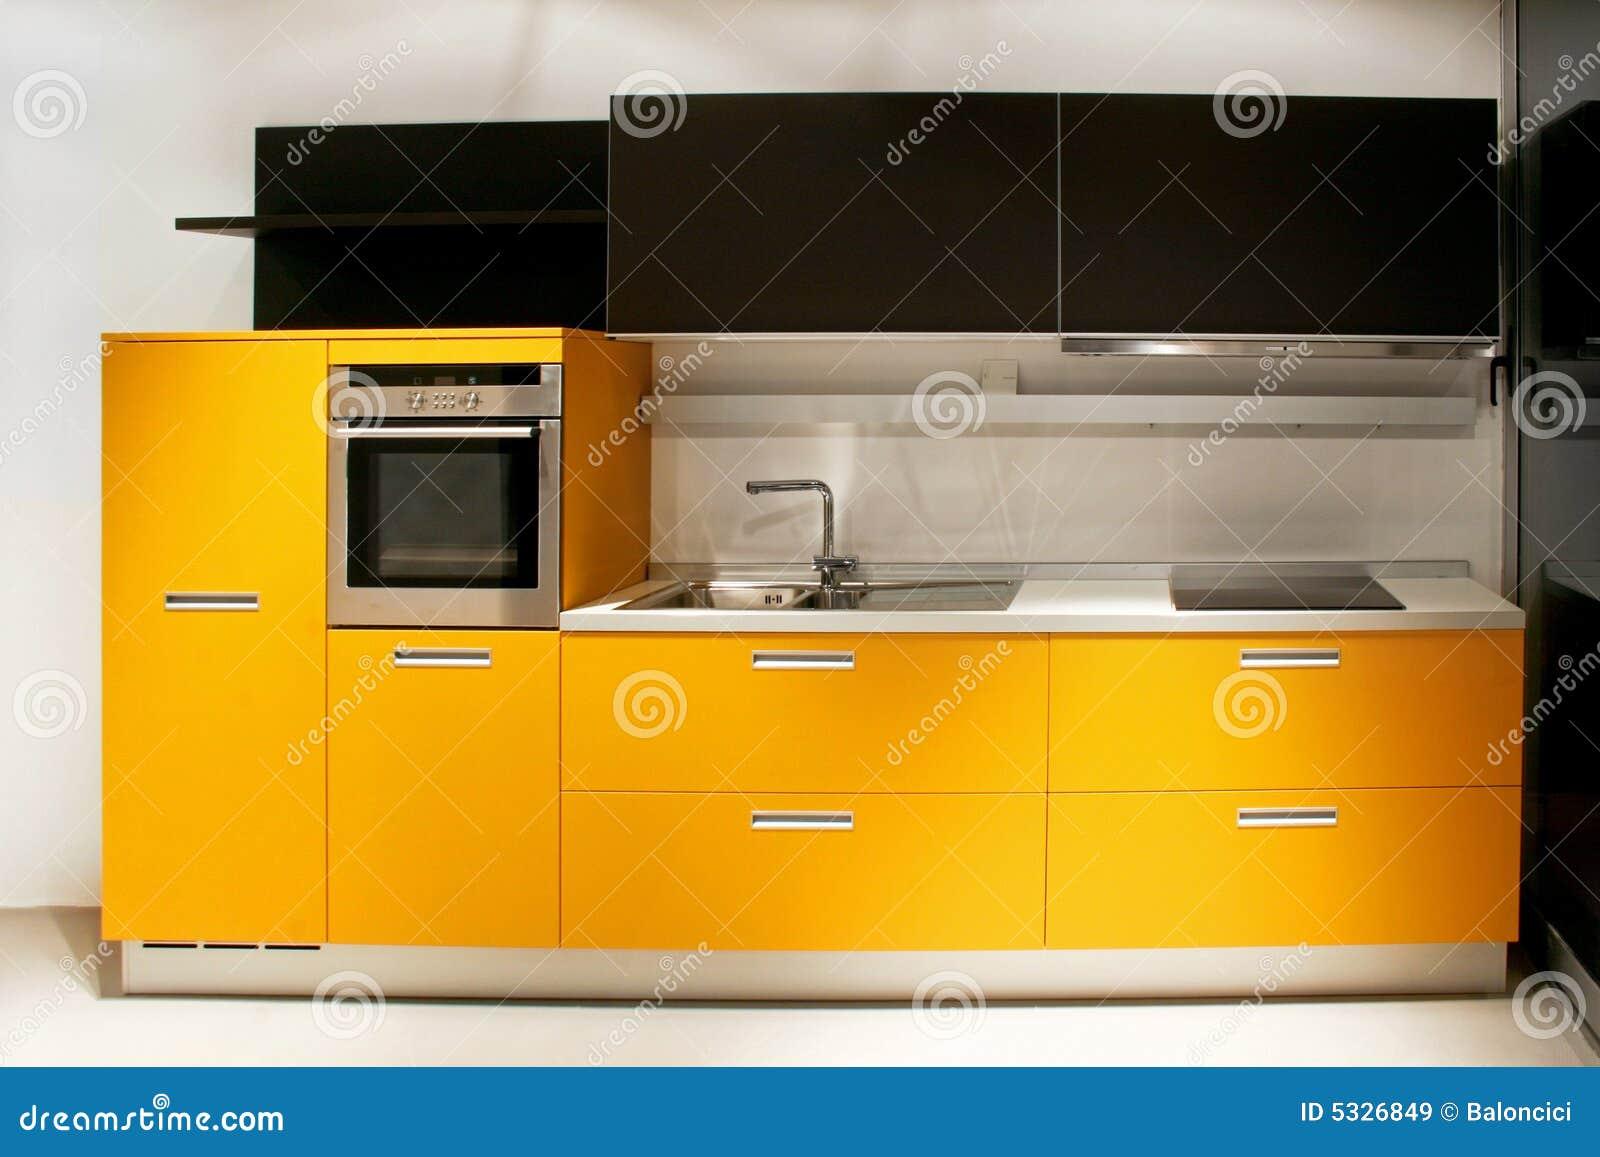 Cuisine jaune images libres de droits image 5326849 - Cuisine blanche et jaune ...